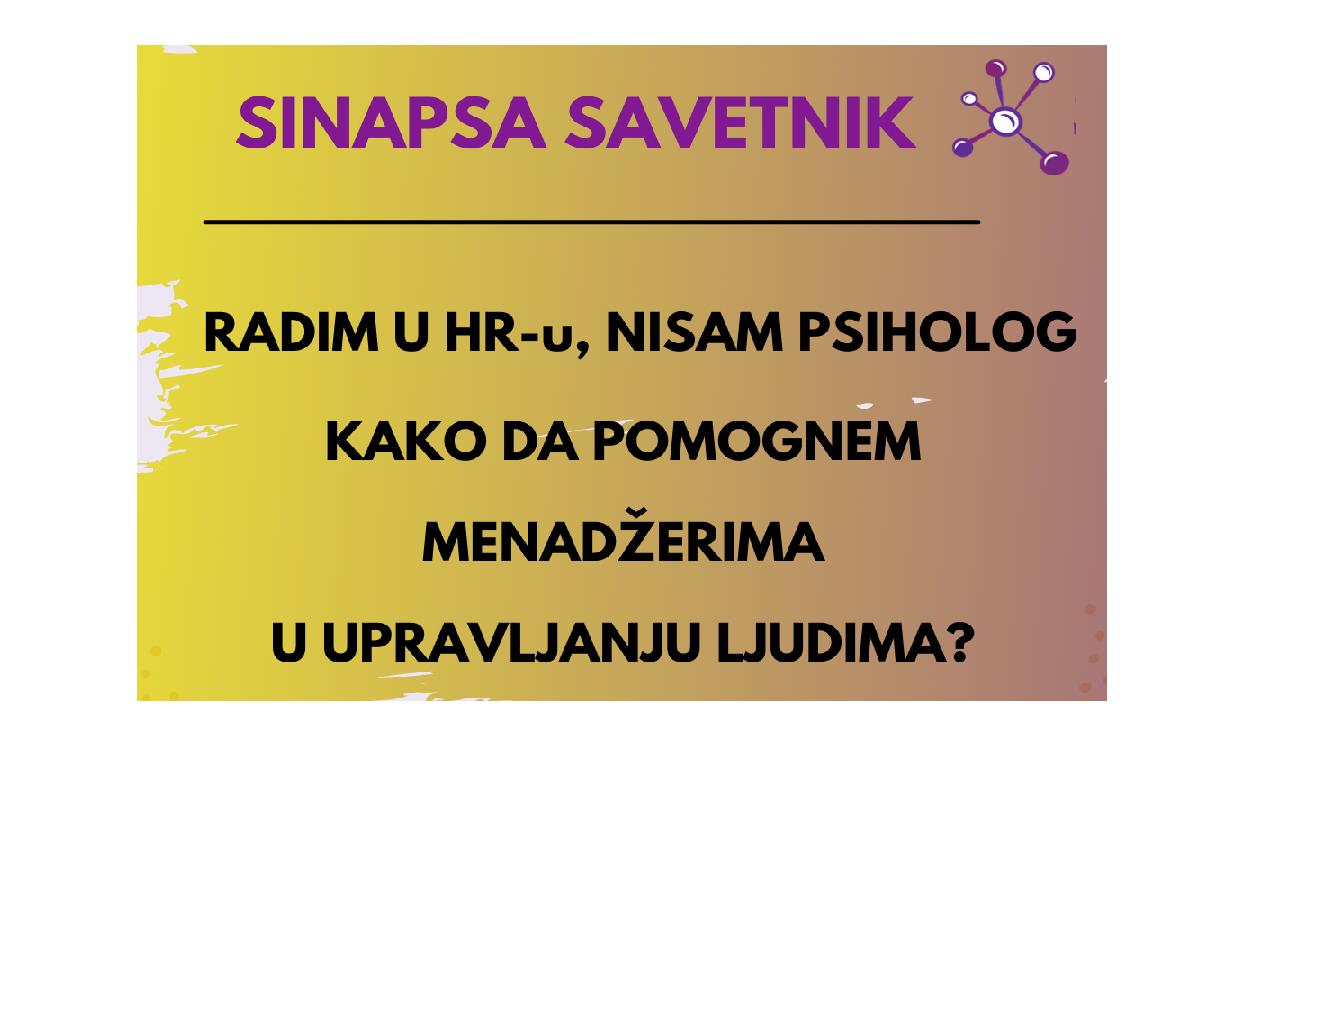 Sinapsa savetnik: pomoć HR ljudima